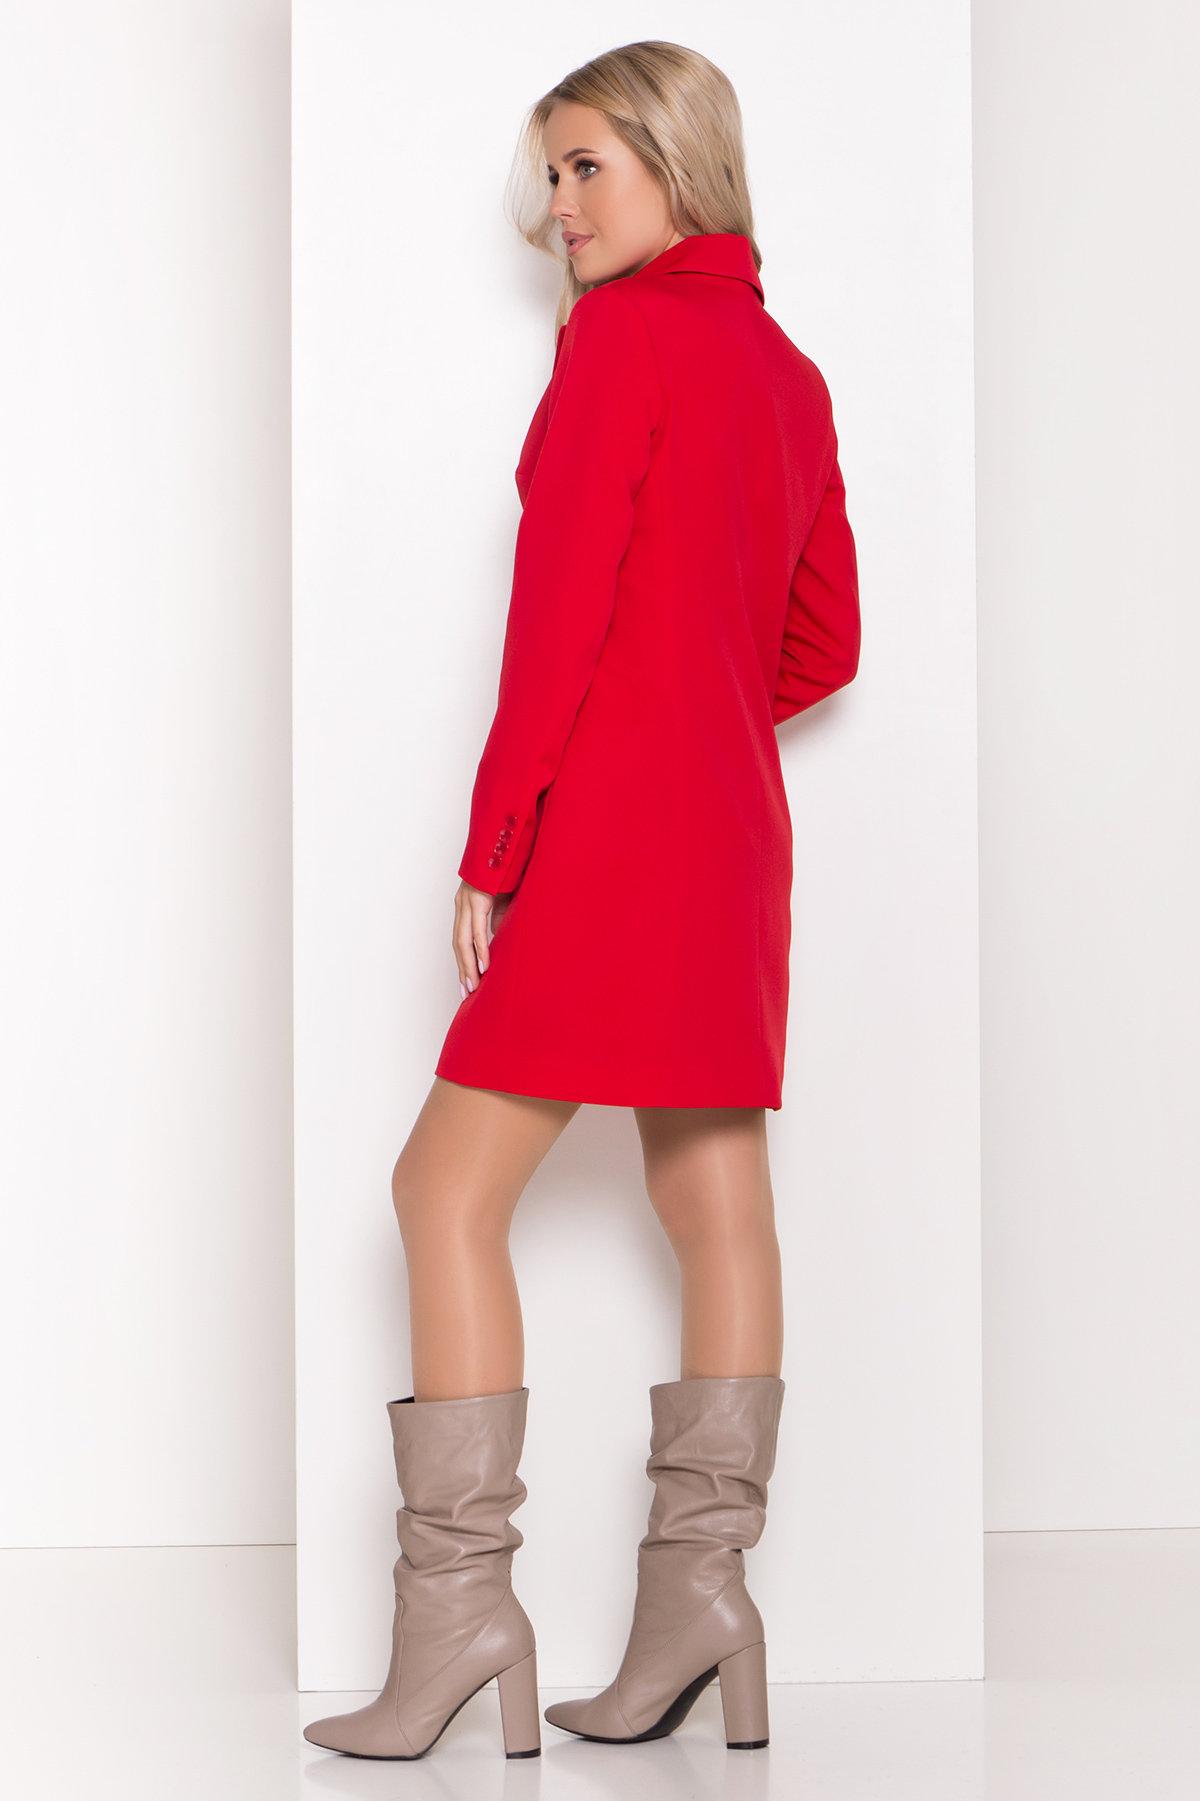 Стильное платье-жакет Маркиза 8095 АРТ. 44461 Цвет: Красный - фото 2, интернет магазин tm-modus.ru